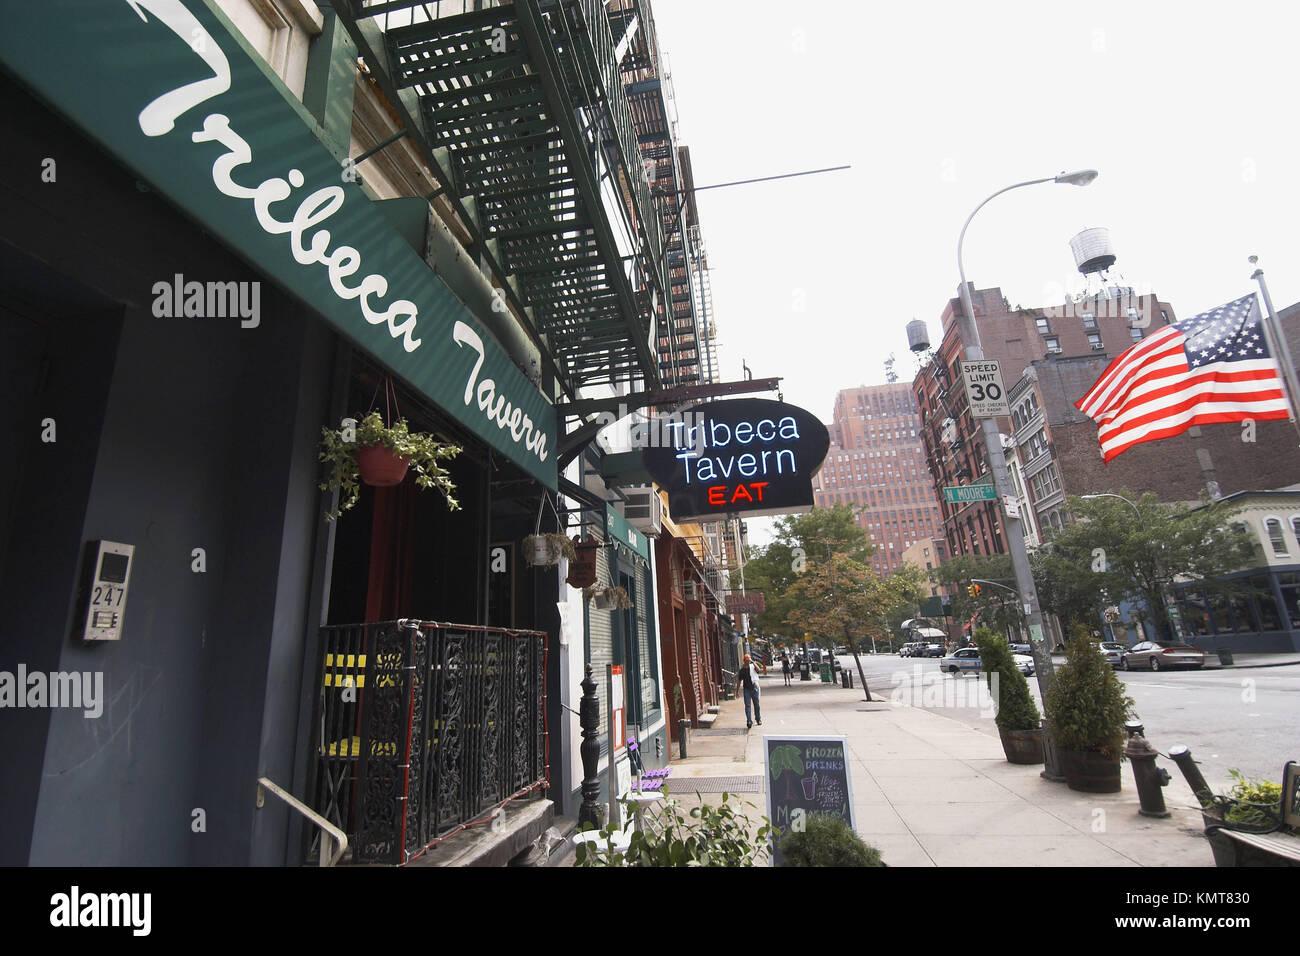 Markise und Leuchtreklame für das Tribeca Taverne. New York City. New York. United States Stockbild